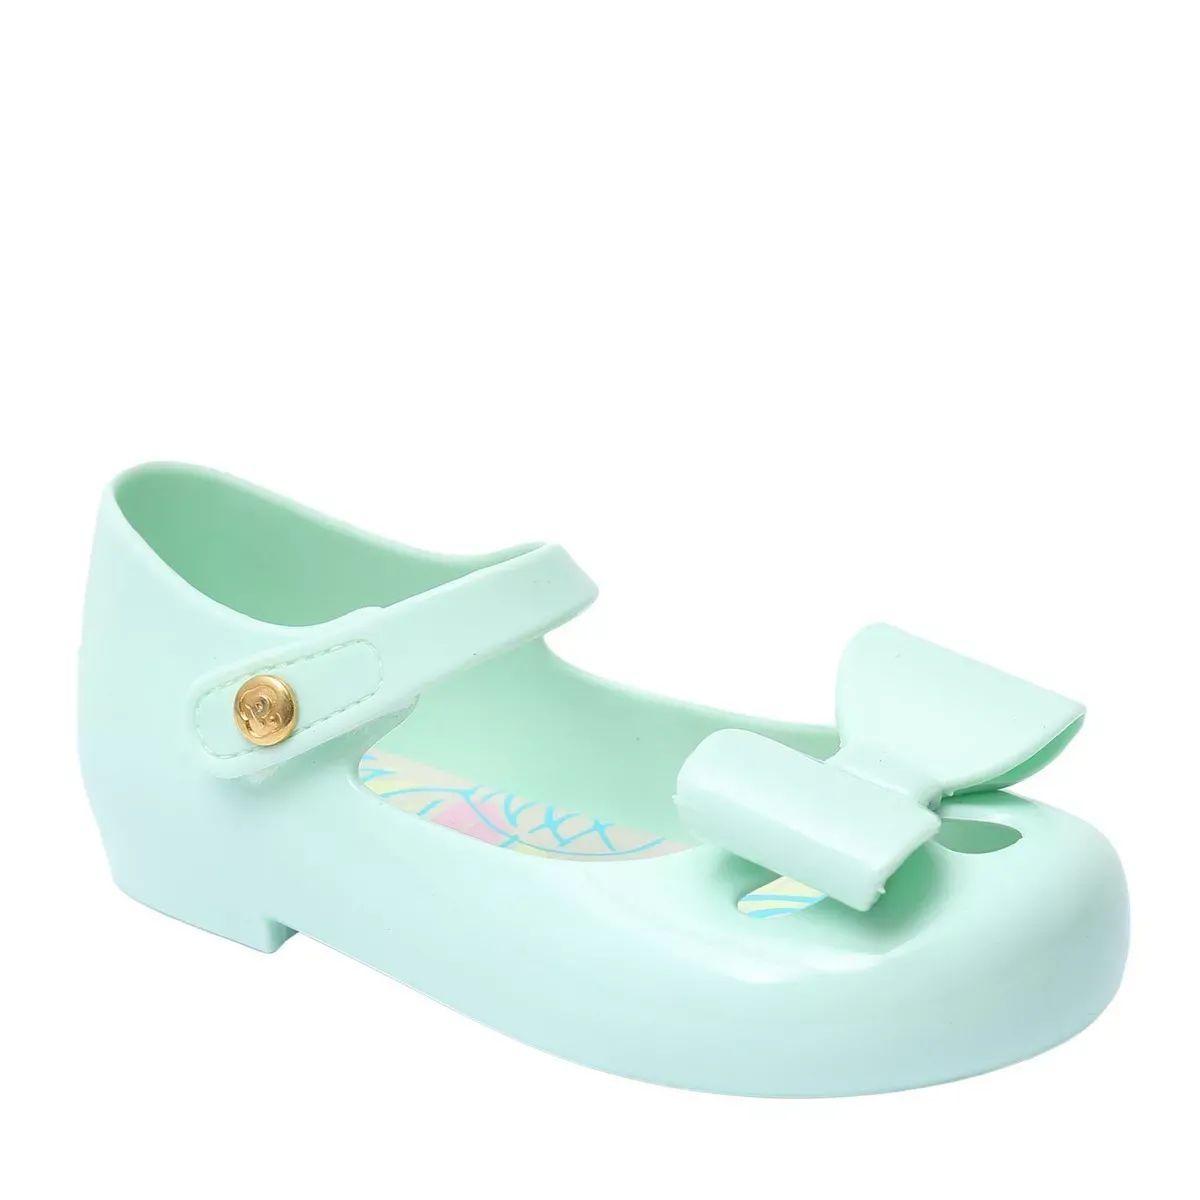 c978e8f47 Sandália Pimpolho com Laço Recorte Vazado Verde Água - 21 | Calçado Infantil  para Bebê Pimpolho Nunca Usado 32187340 | enjoei